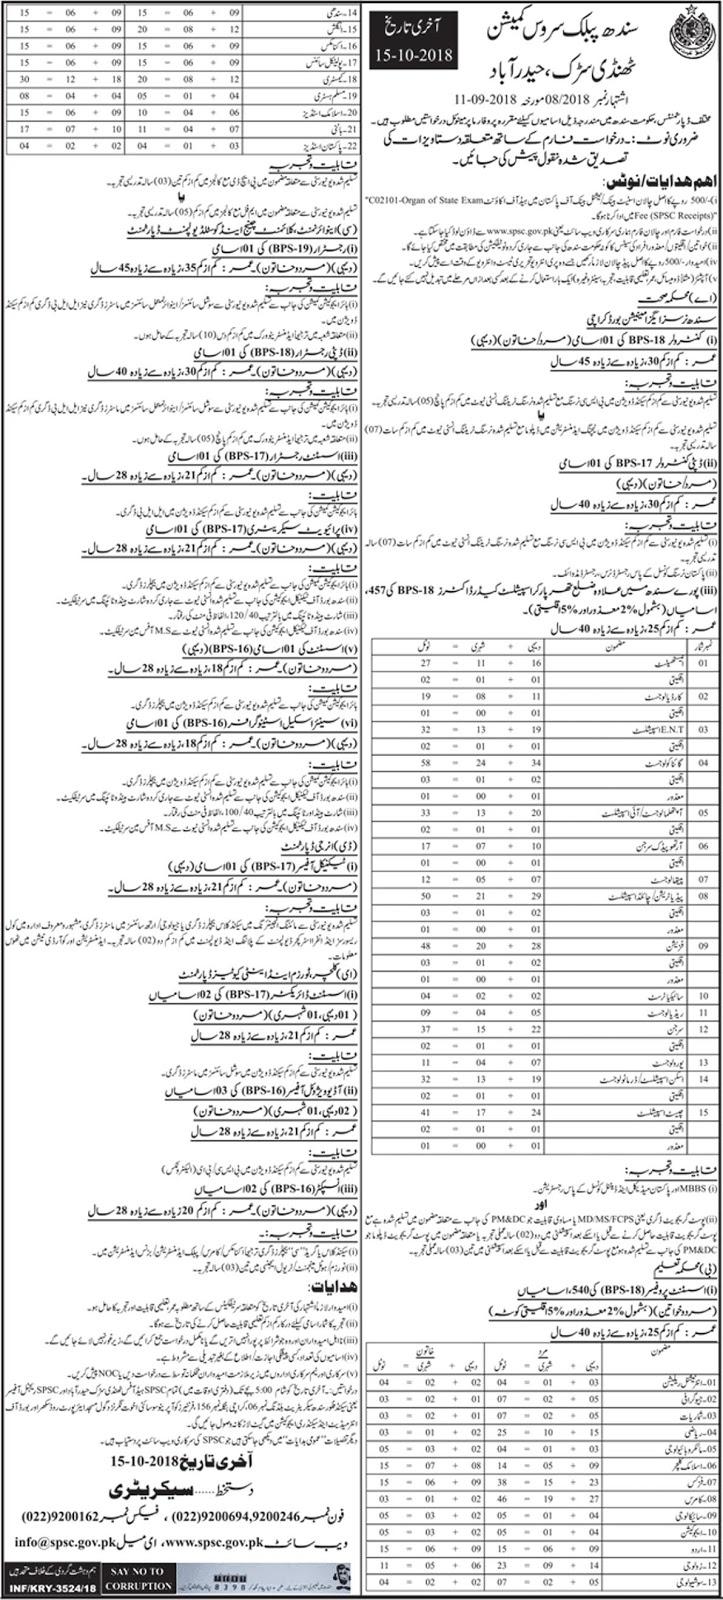 Sindh Public Service Commission Jobs 2018